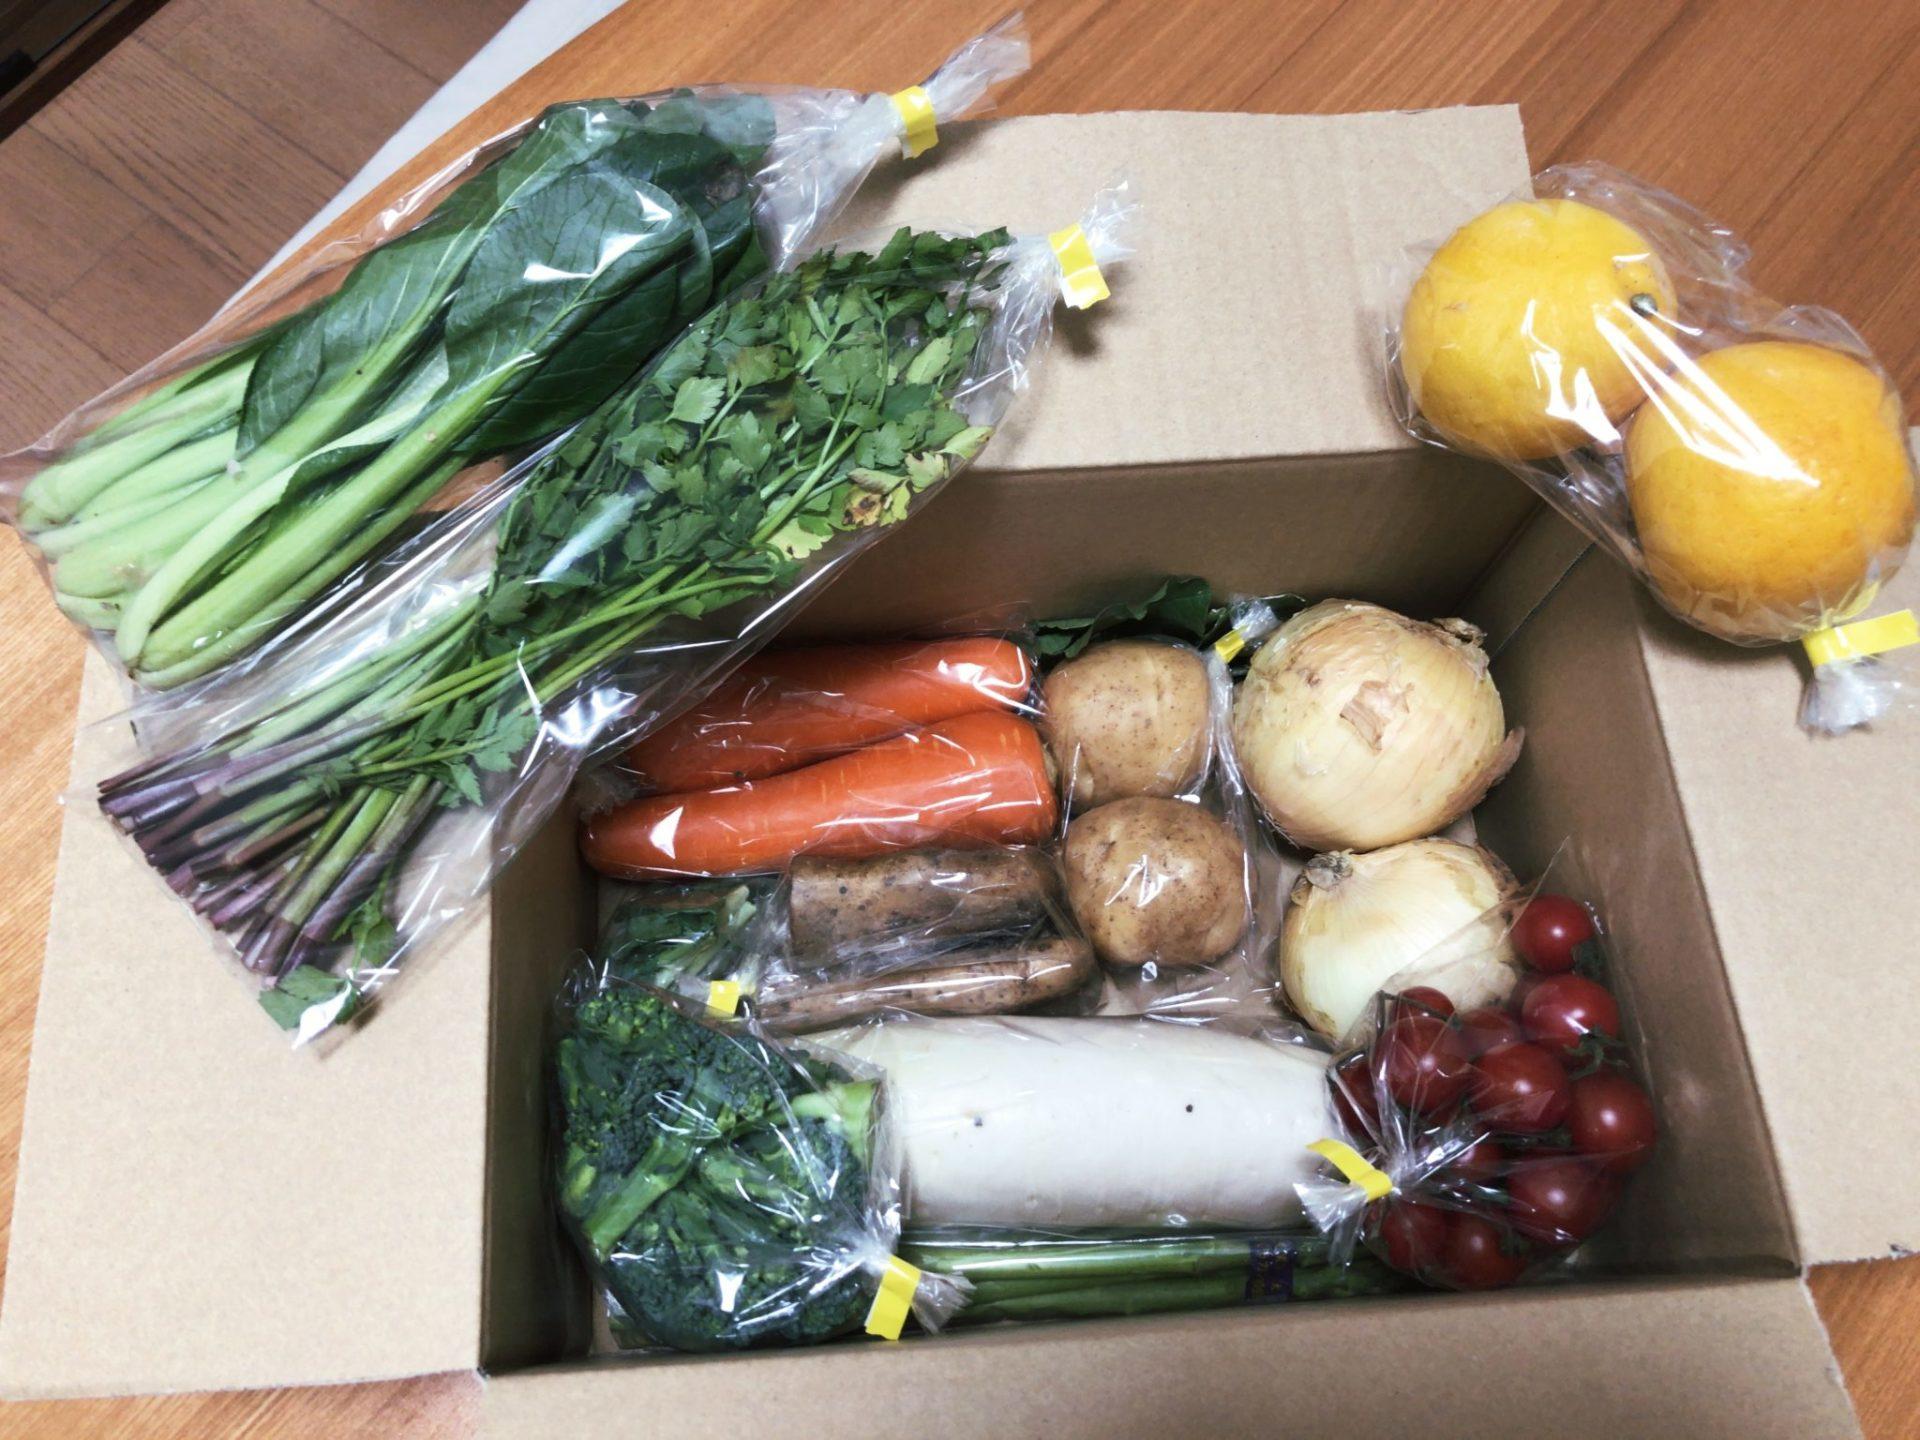 九百屋の宅配野菜に入っている野菜